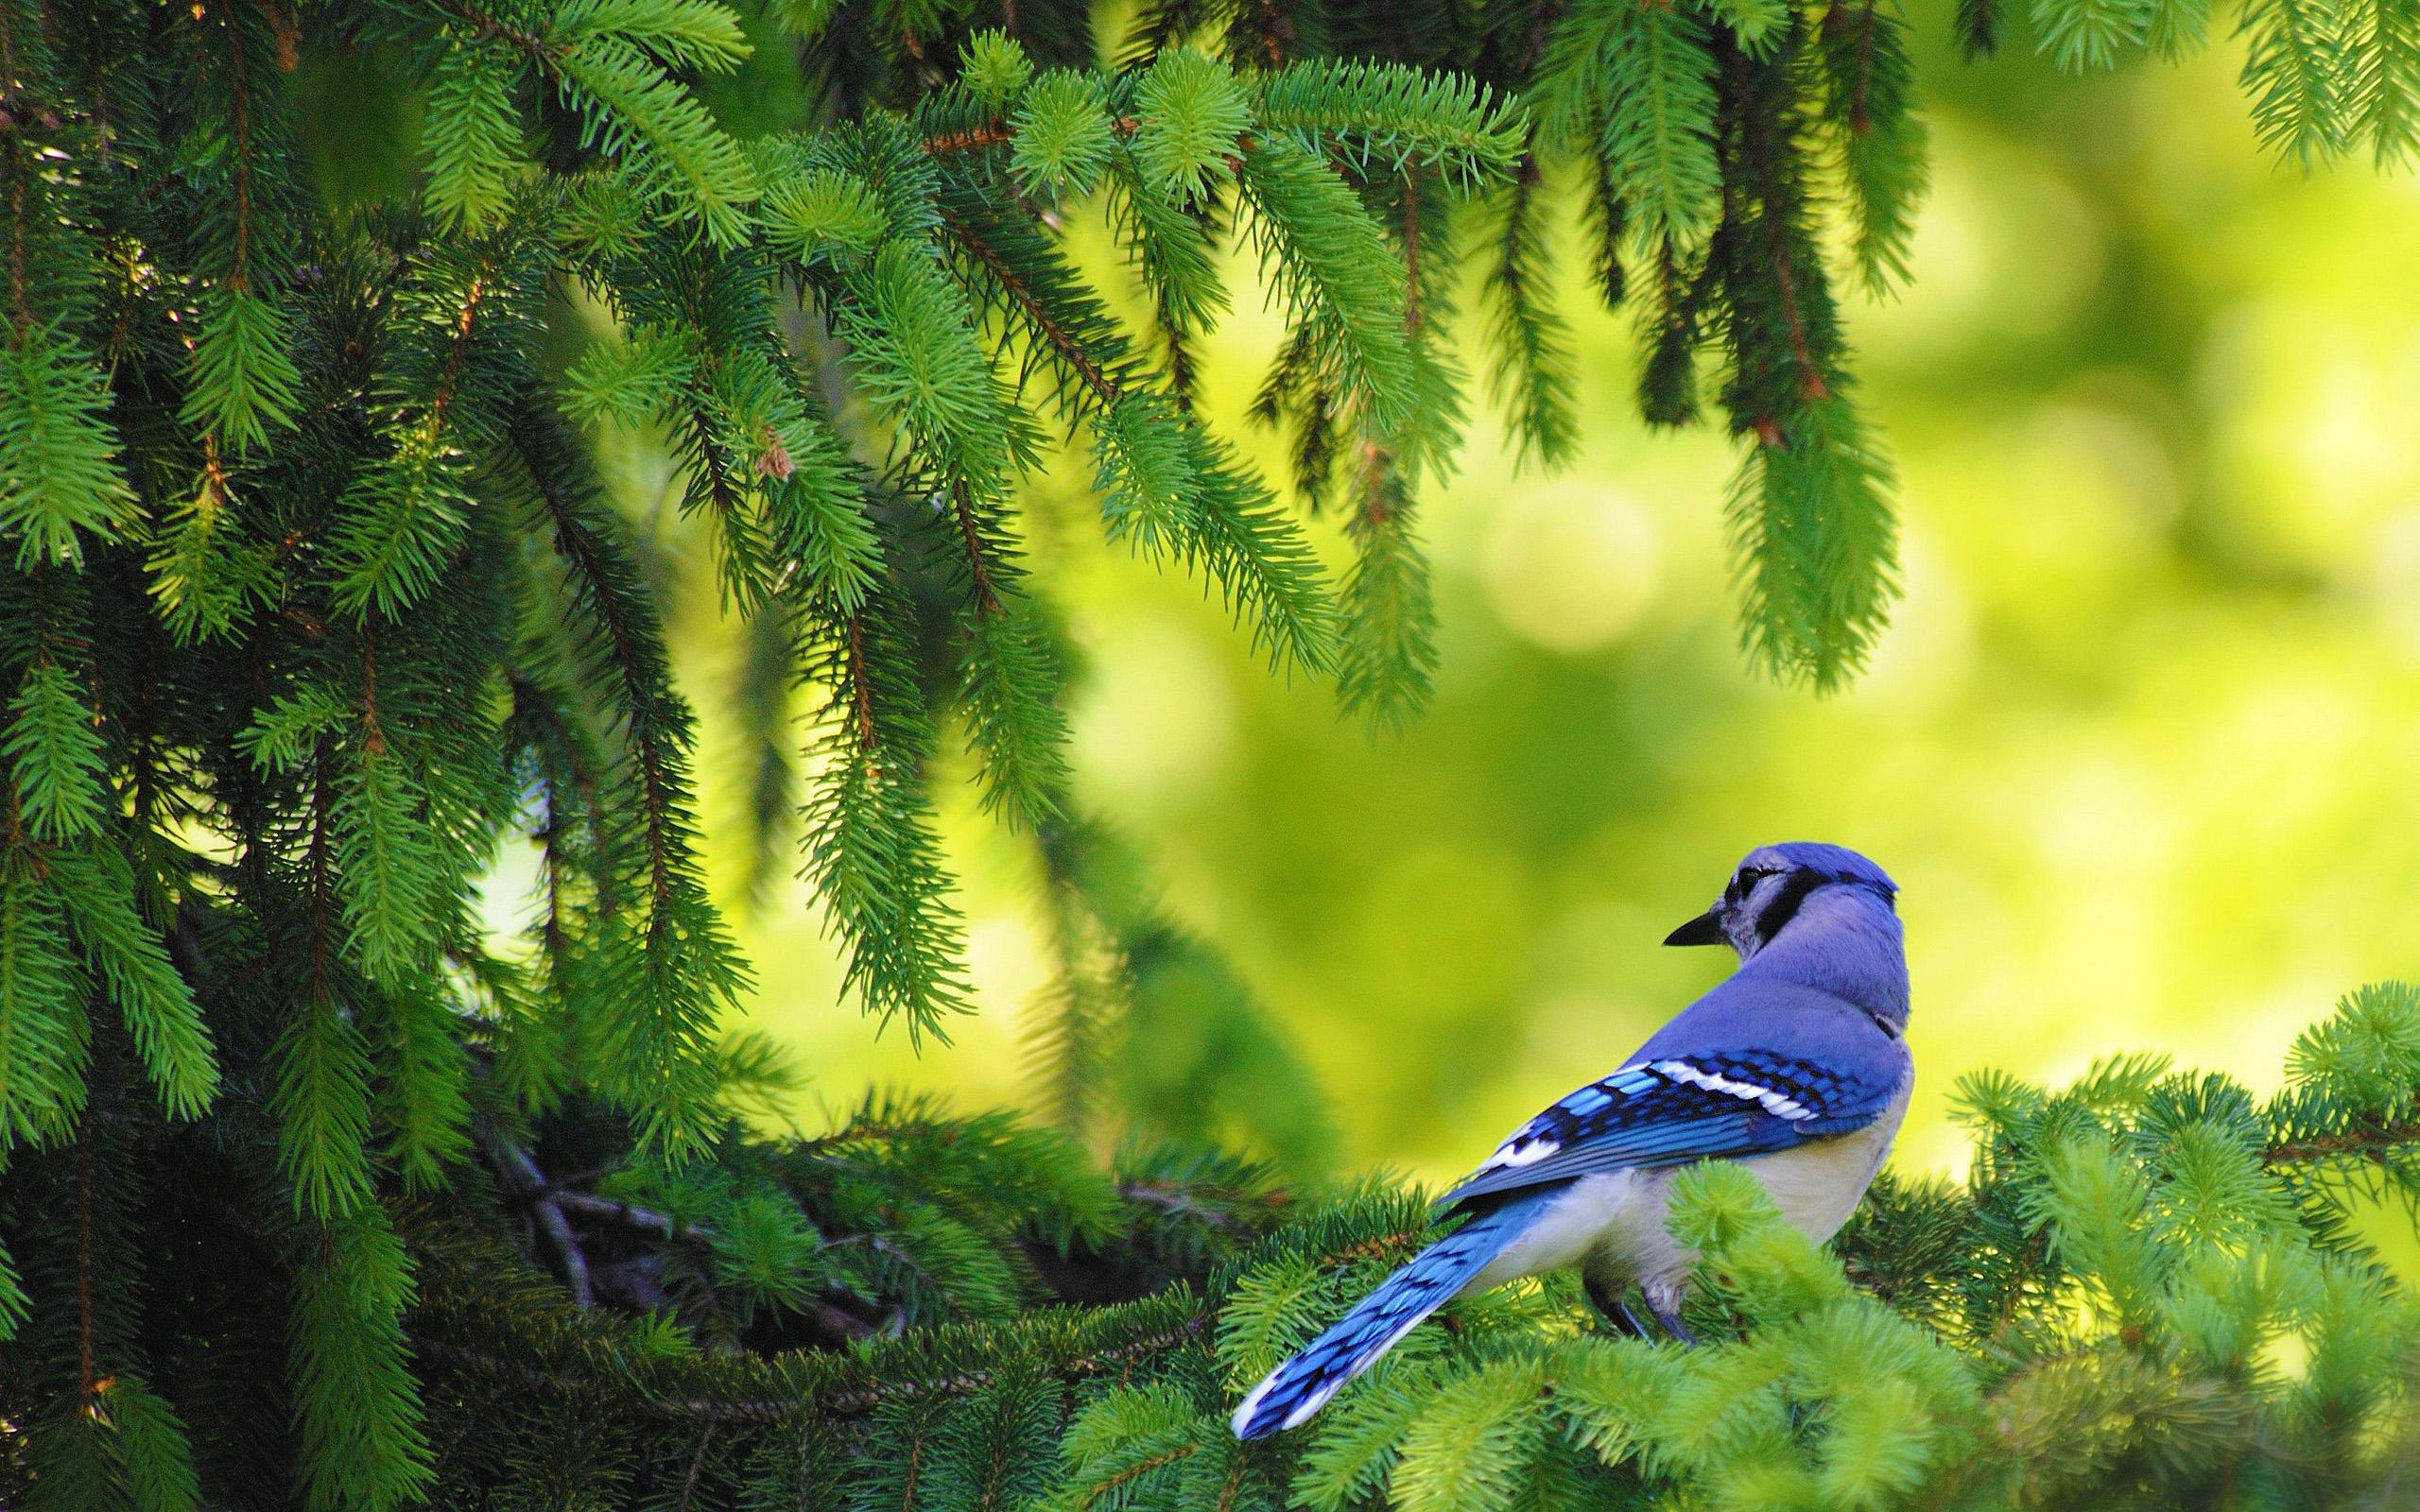 bird wallpapers blue walls 2560x1600 2560x1600